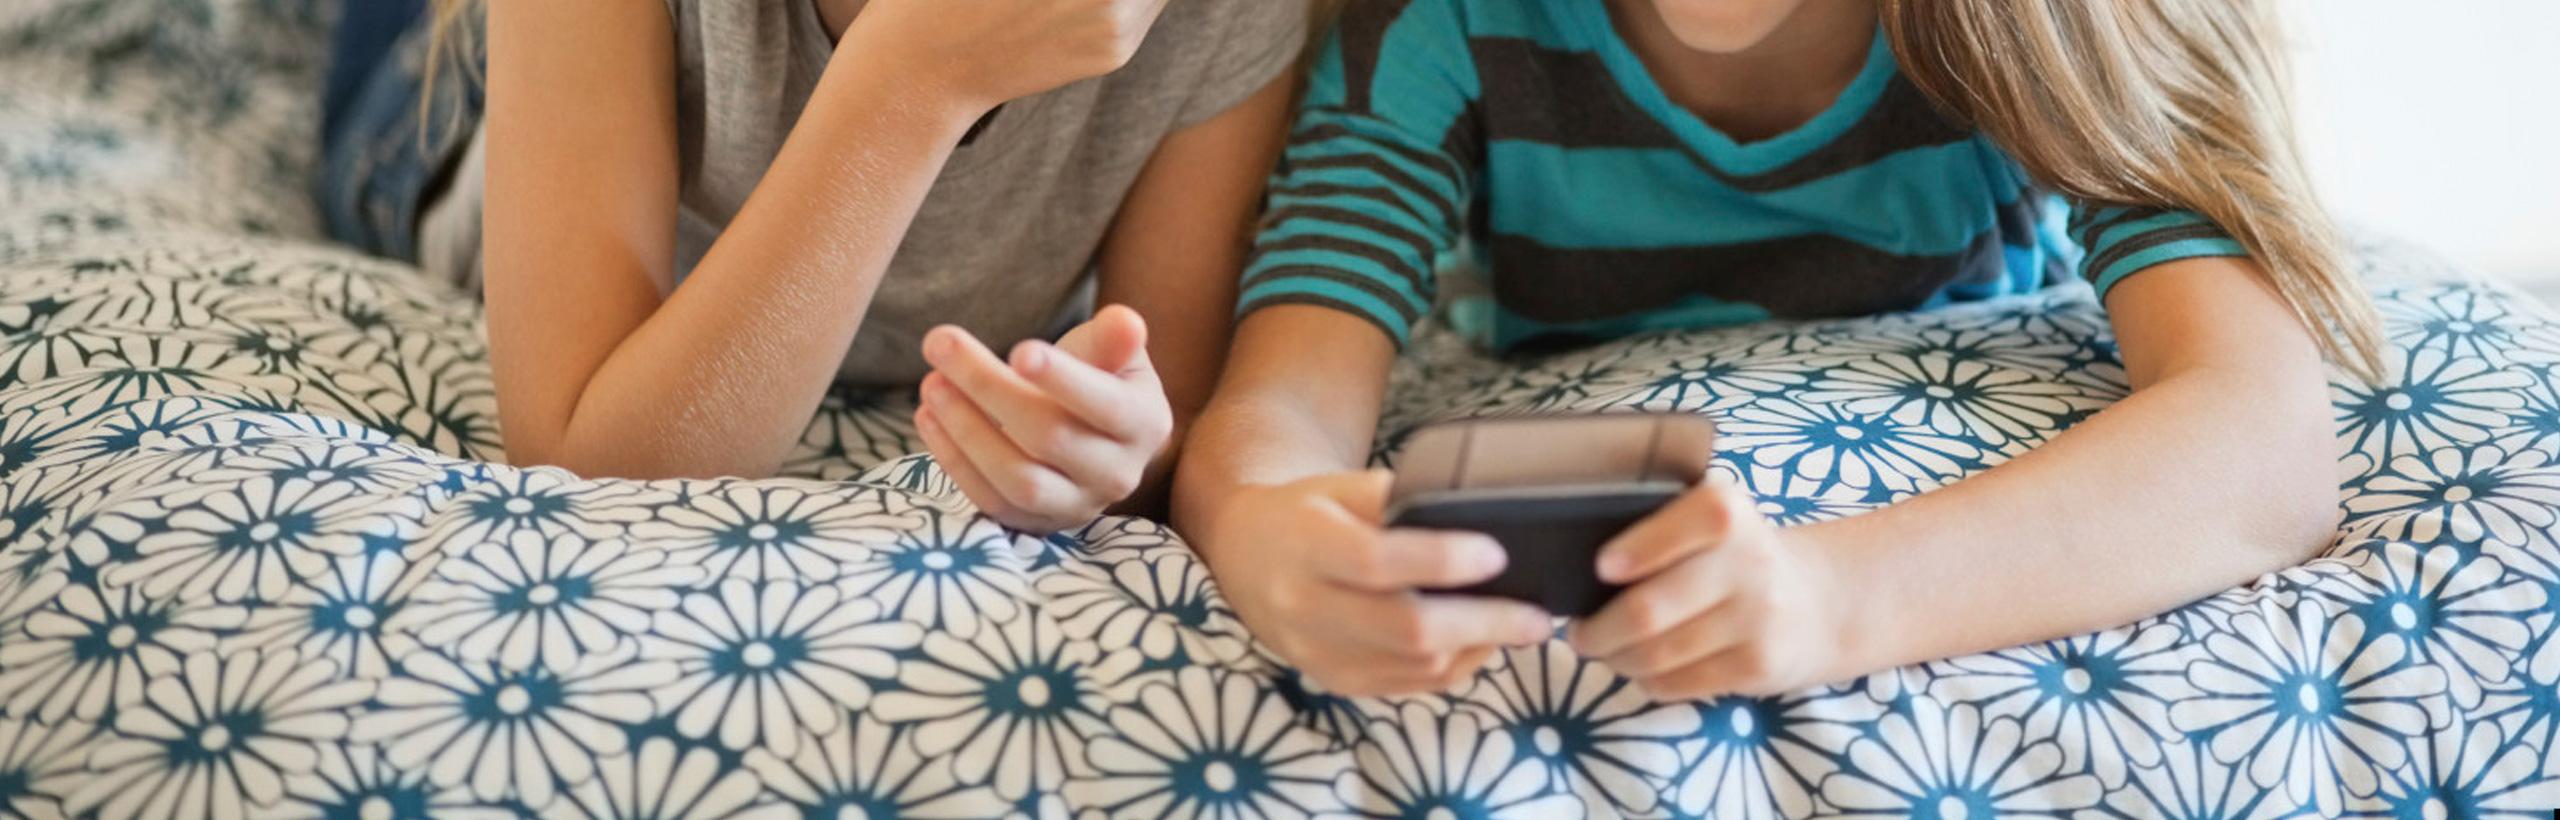 Innovadors canals online de comercialització de continguts i productes d'entreteniment i merchandising.